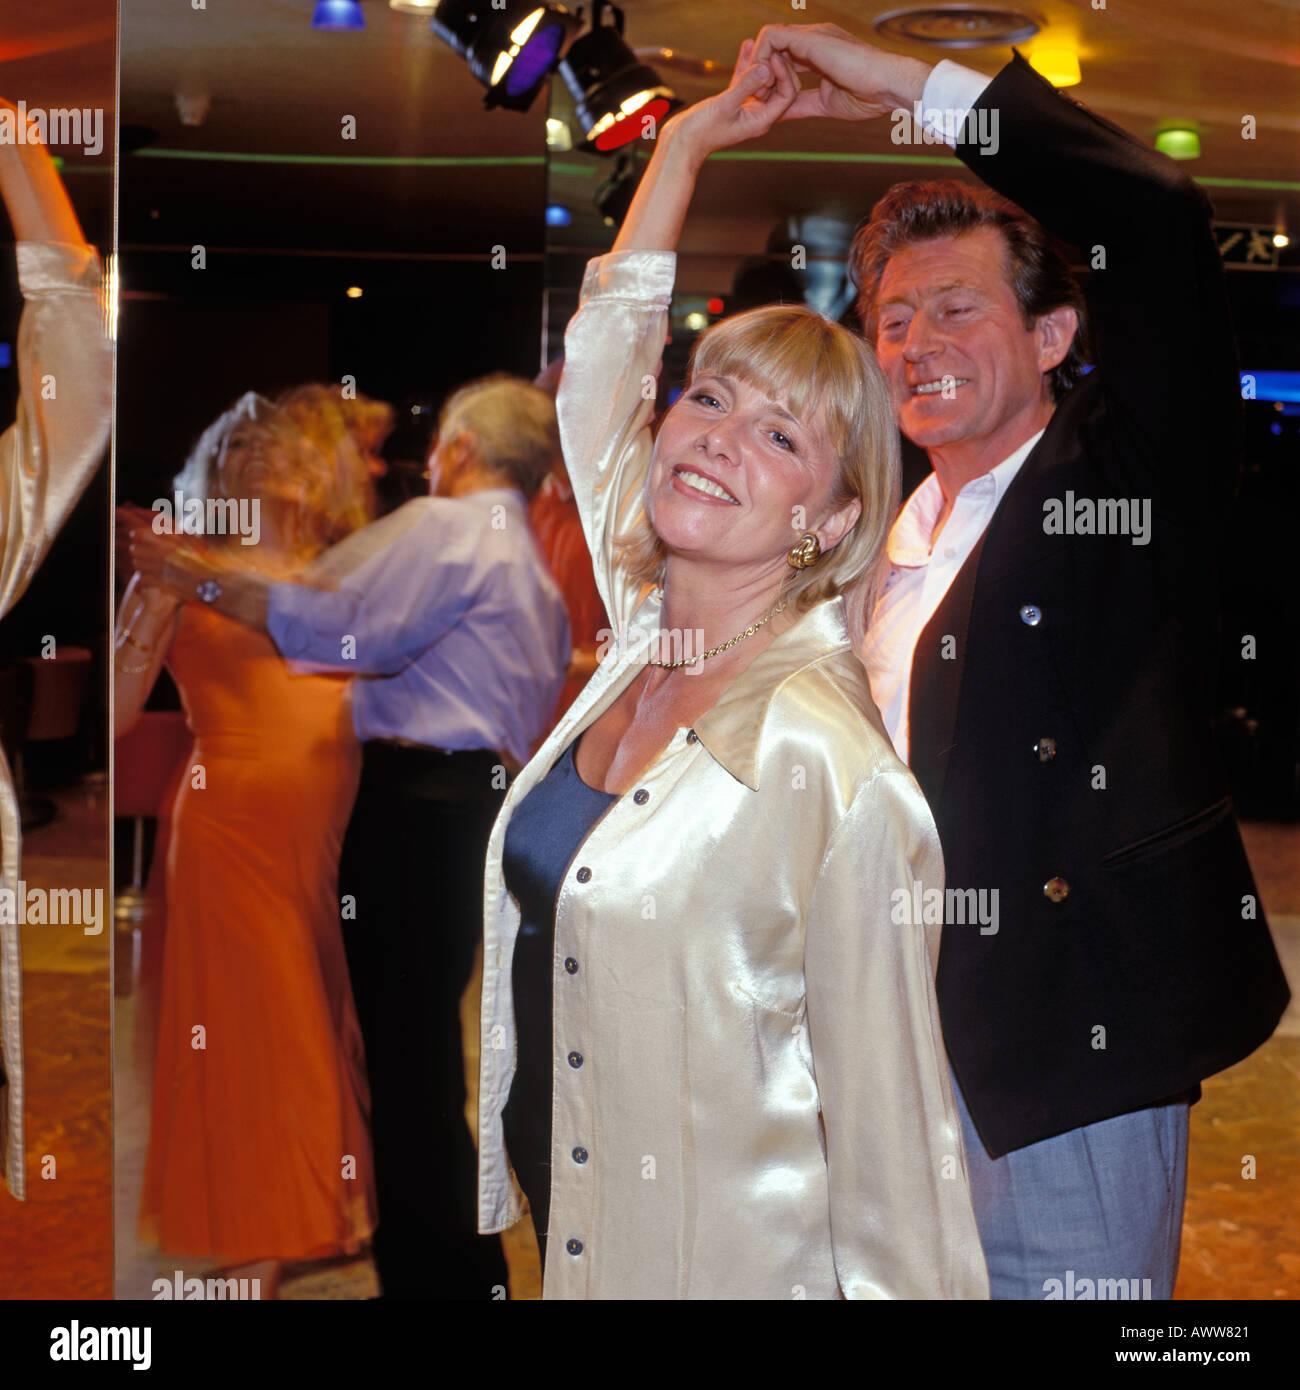 Coppia matura Ballare in discoteca. Modello versioni disponibili su richiesta. Immagini Stock